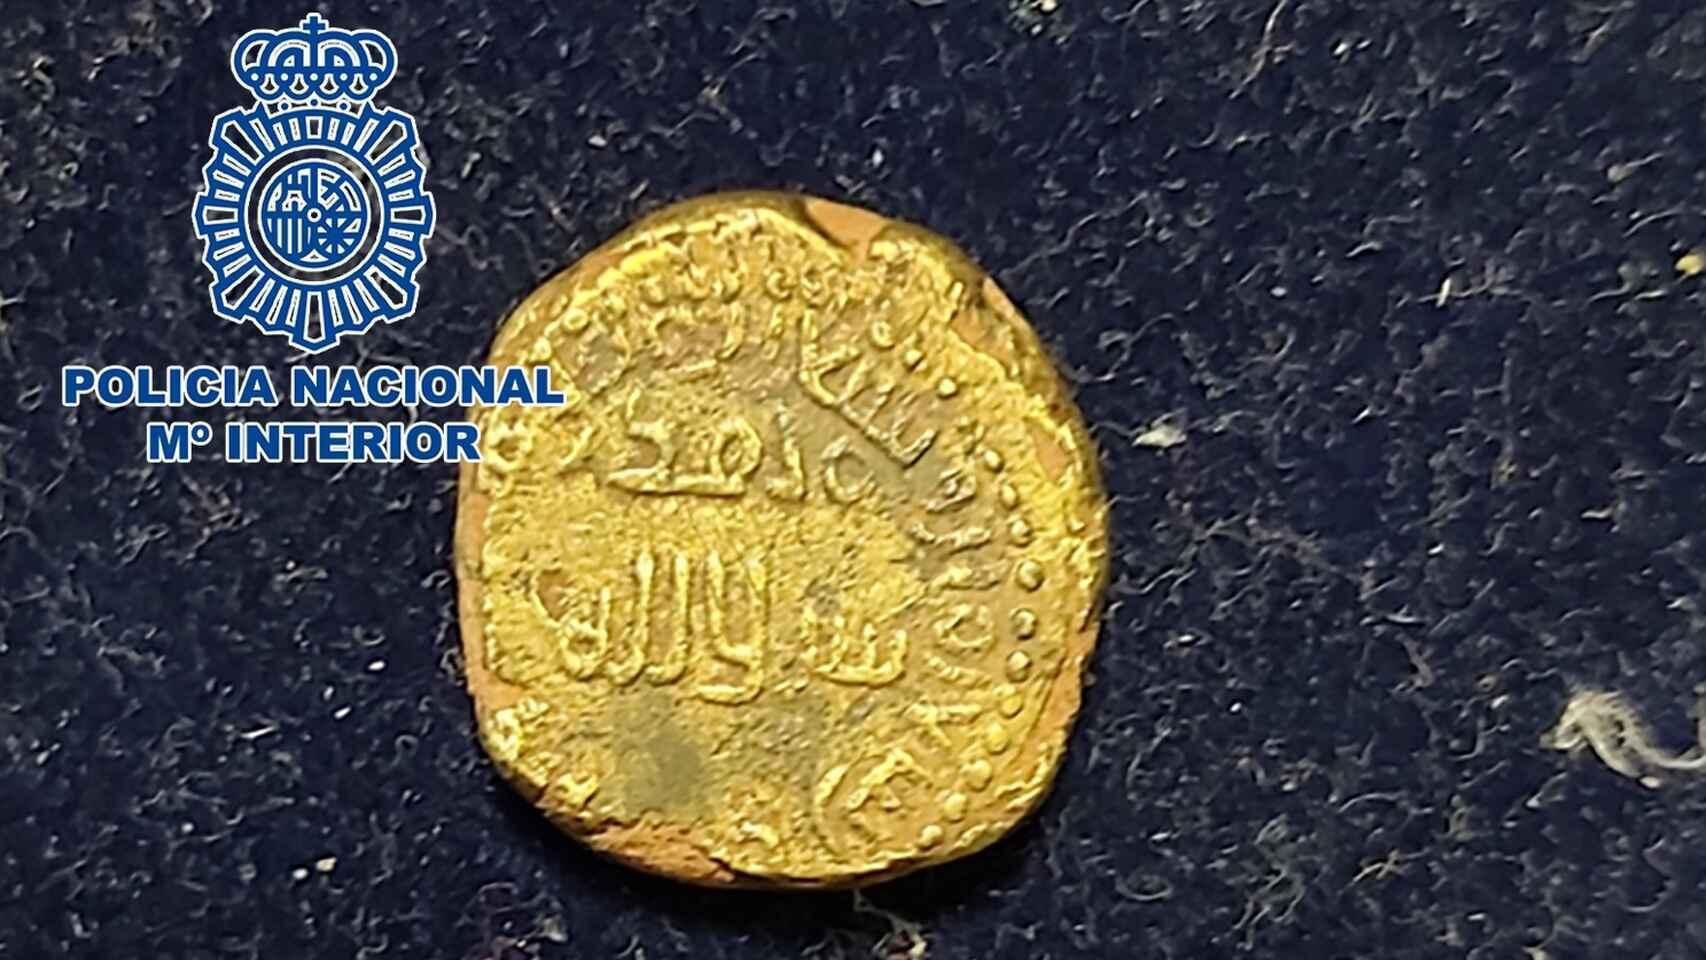 Detenido en Calpe un hombre por tener una moneda de oro hispanoamericana perteneciente al S.XIII